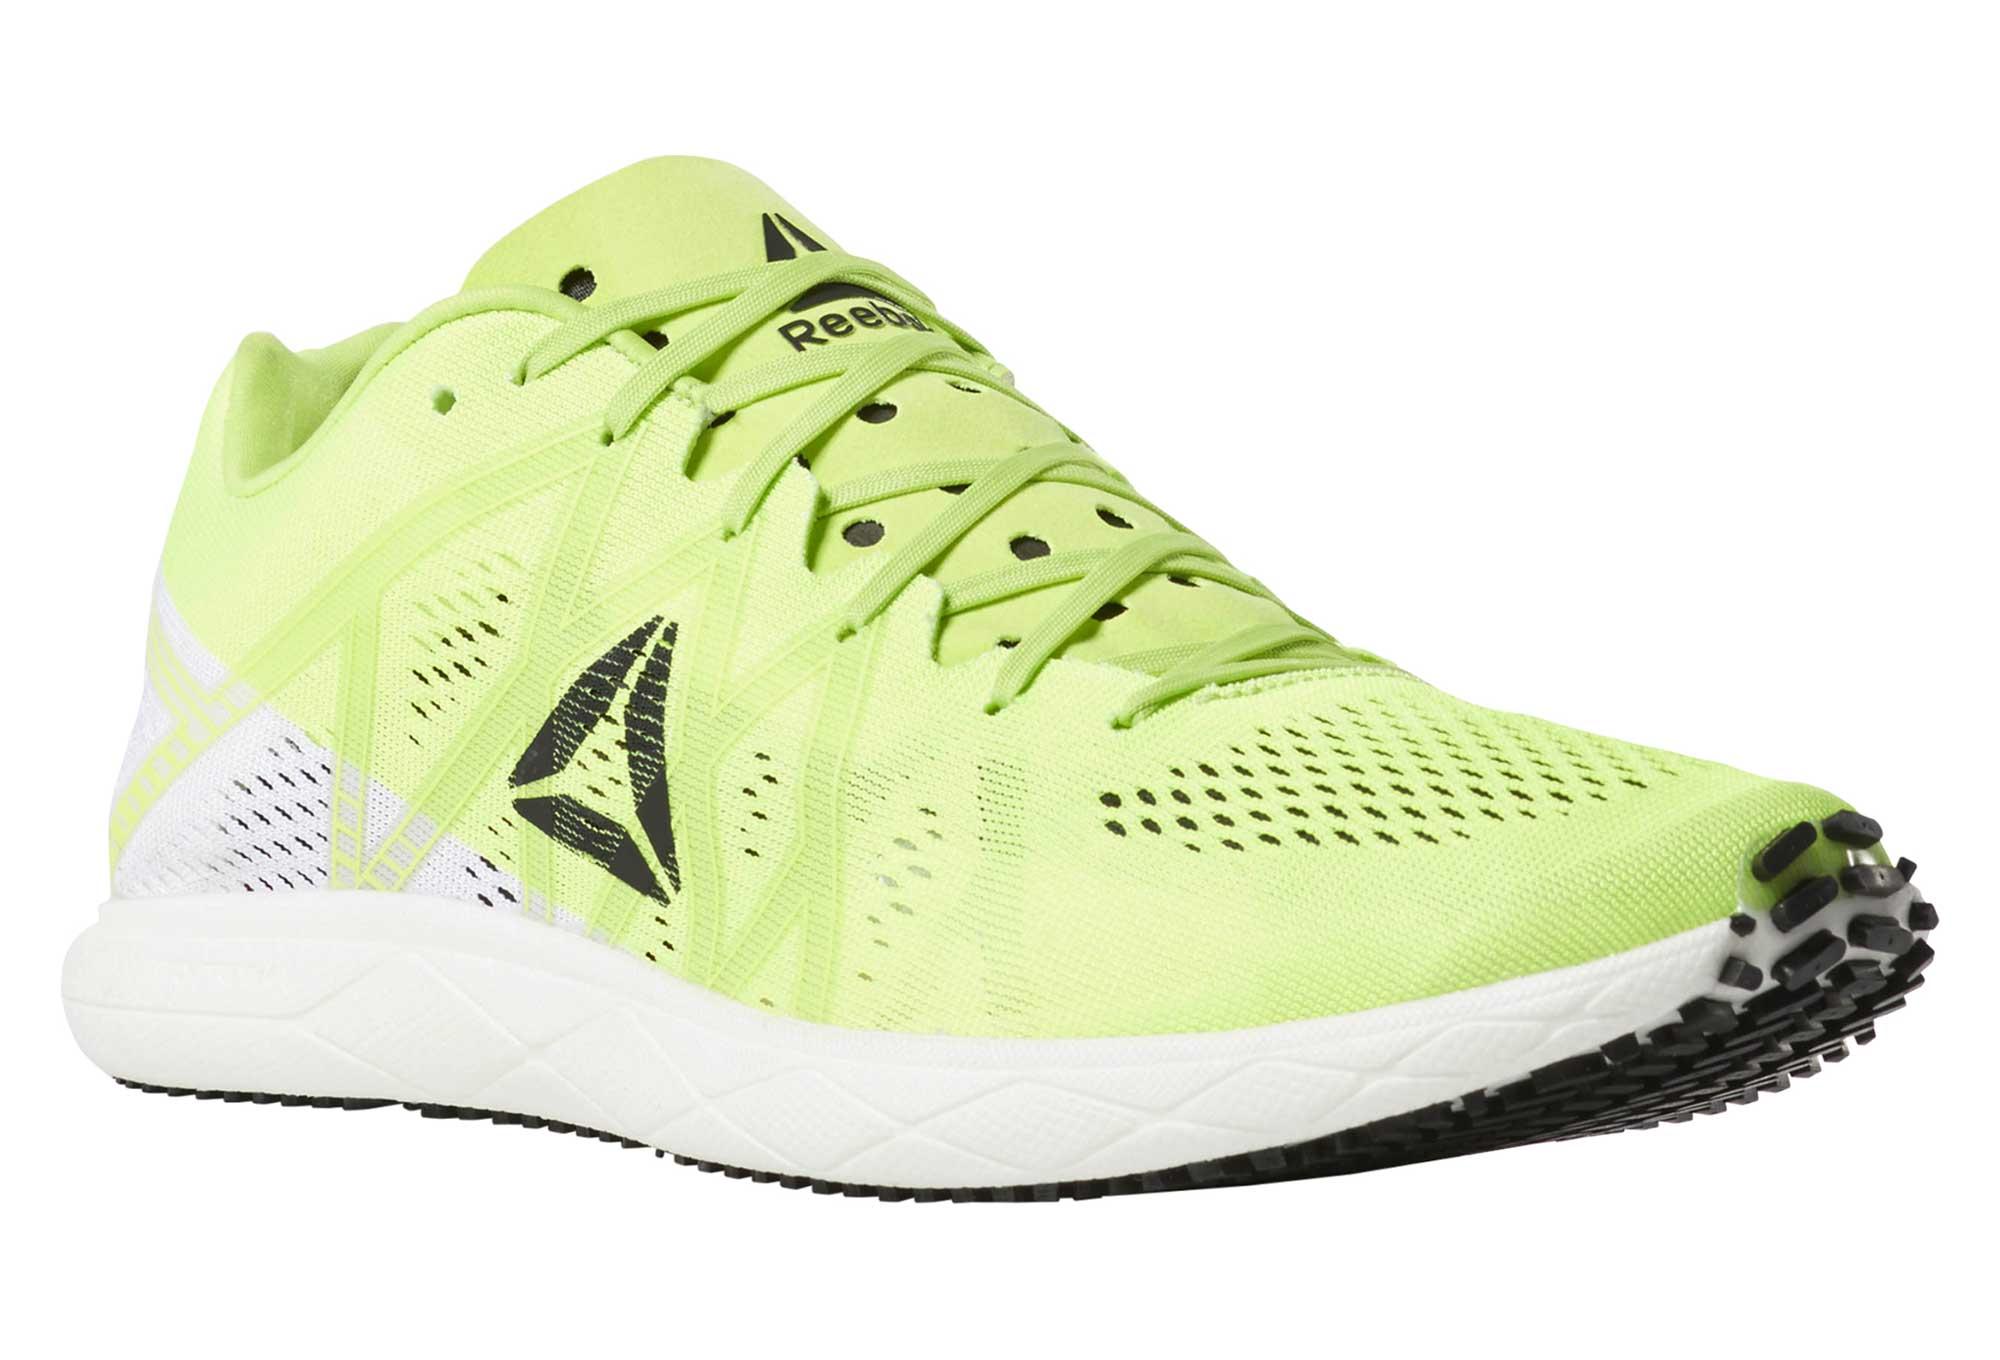 wholesale dealer caa34 9dfd8 Reebok Floatride Run Fast Pro Neon Yellow White